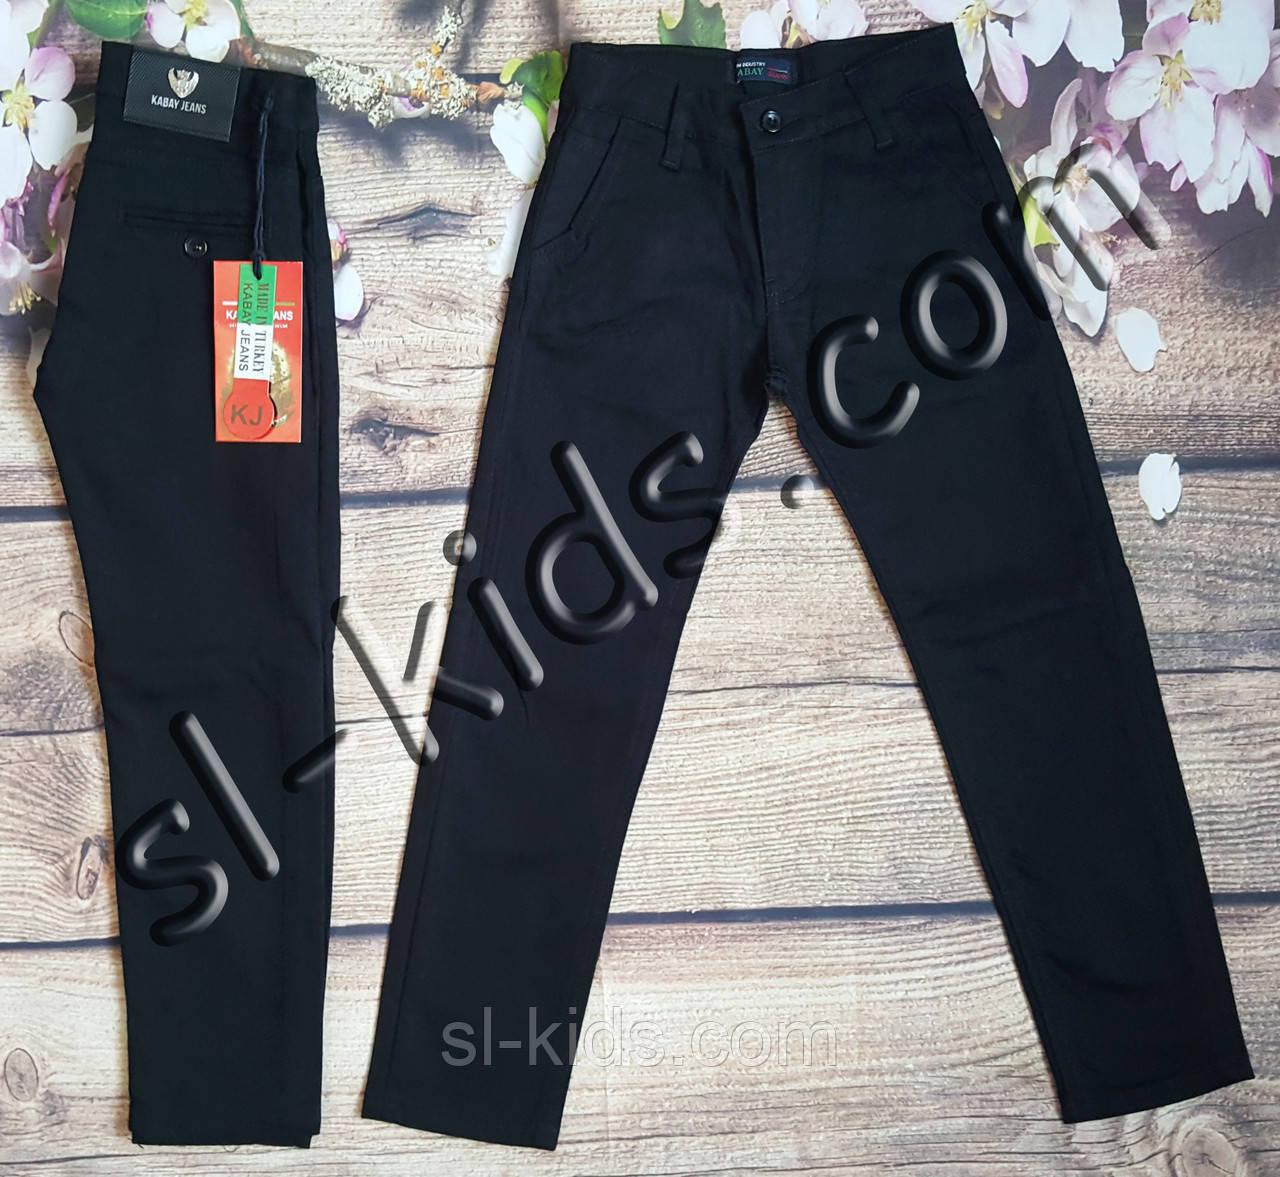 Штани,джинси на флісі для хлопчика 11-15 років опт (Kabay) (чорні 02) пр. Туреччина